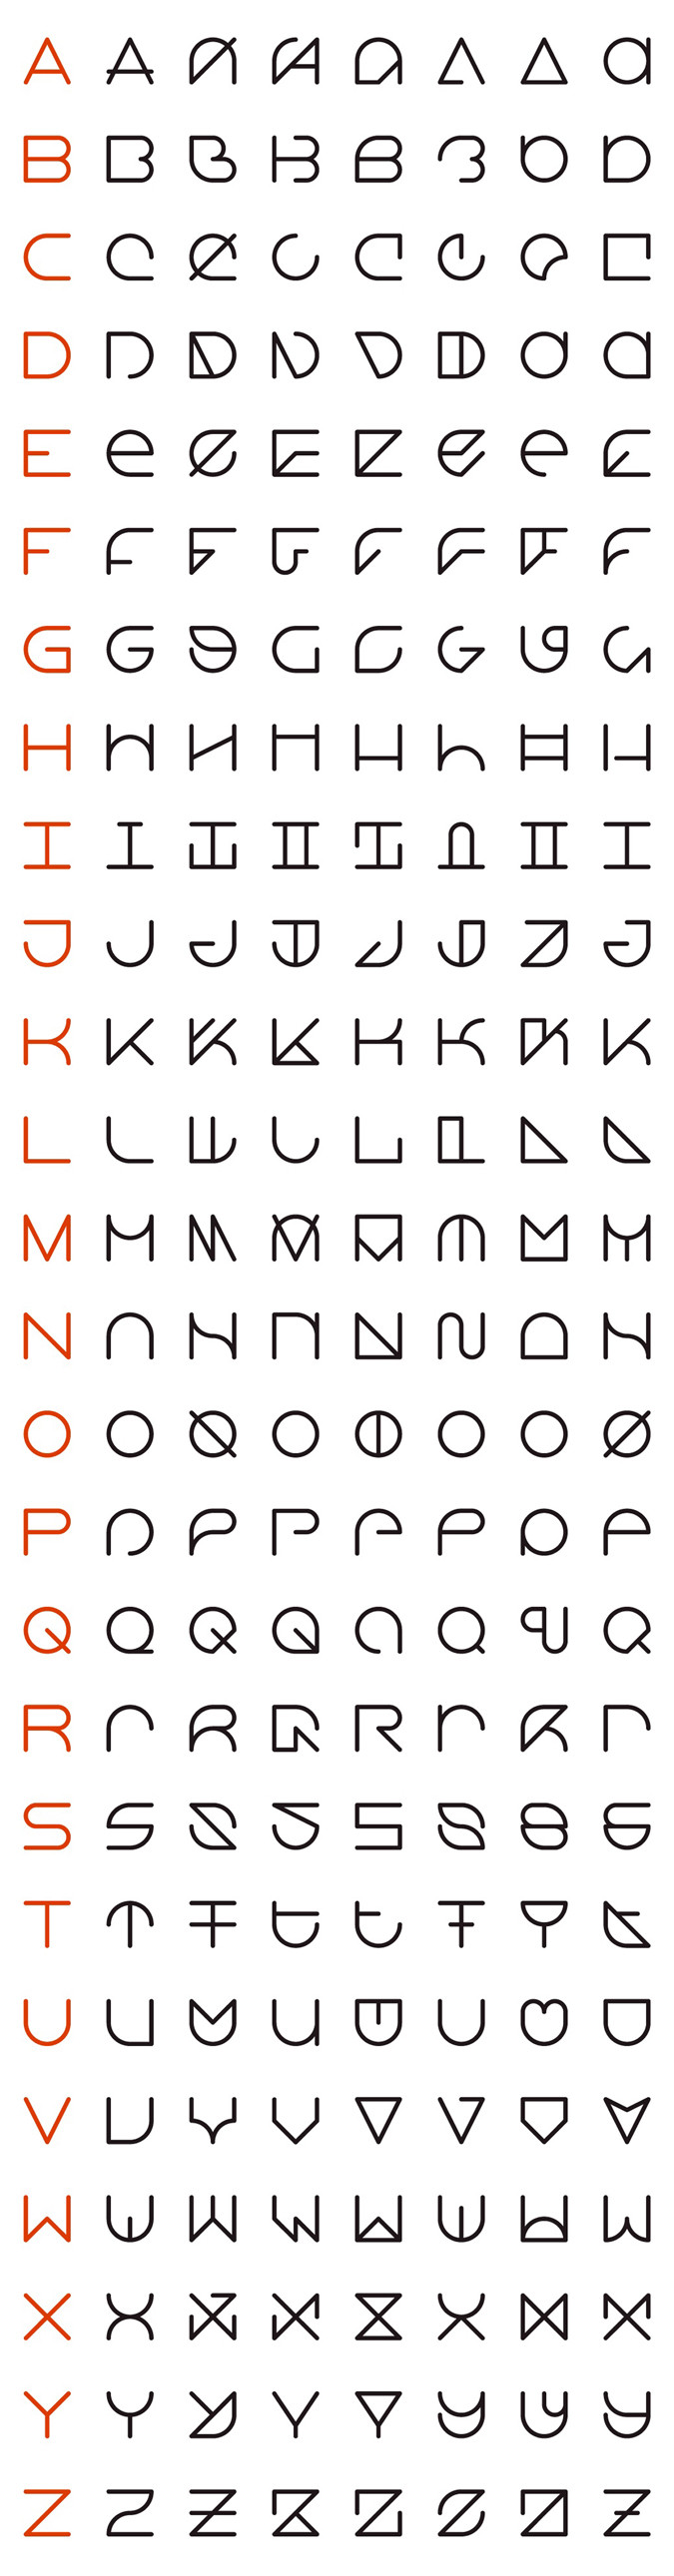 Rolando G. Alcantara alphabet